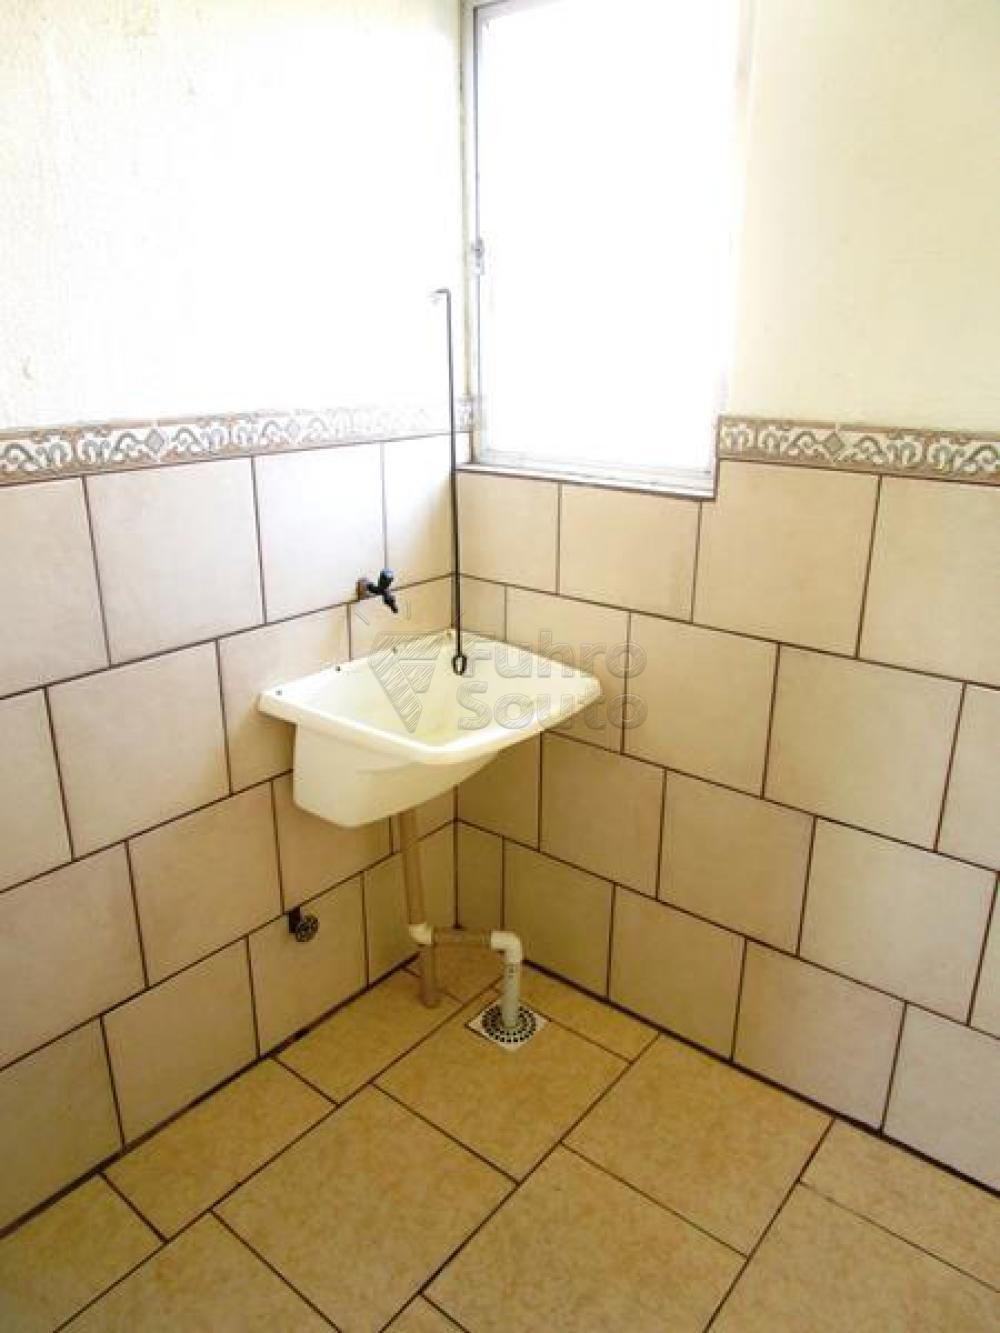 Alugar Apartamento / Fora de Condomínio em Pelotas R$ 650,00 - Foto 7